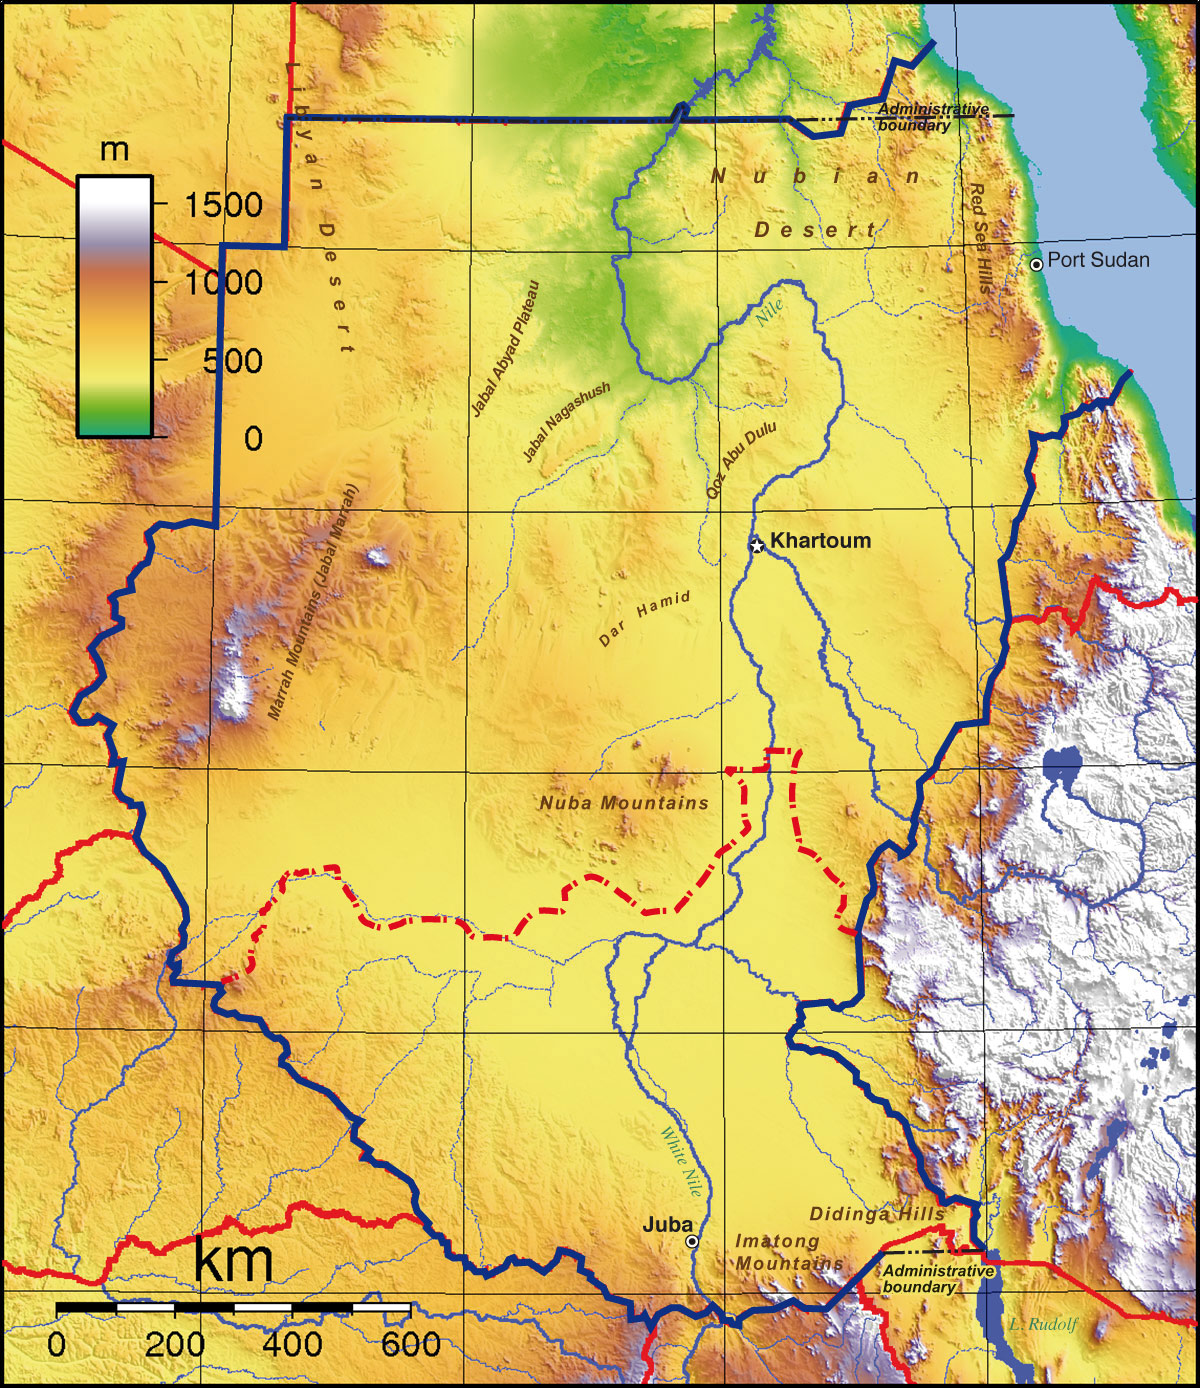 Sudan Nubian Desert Map